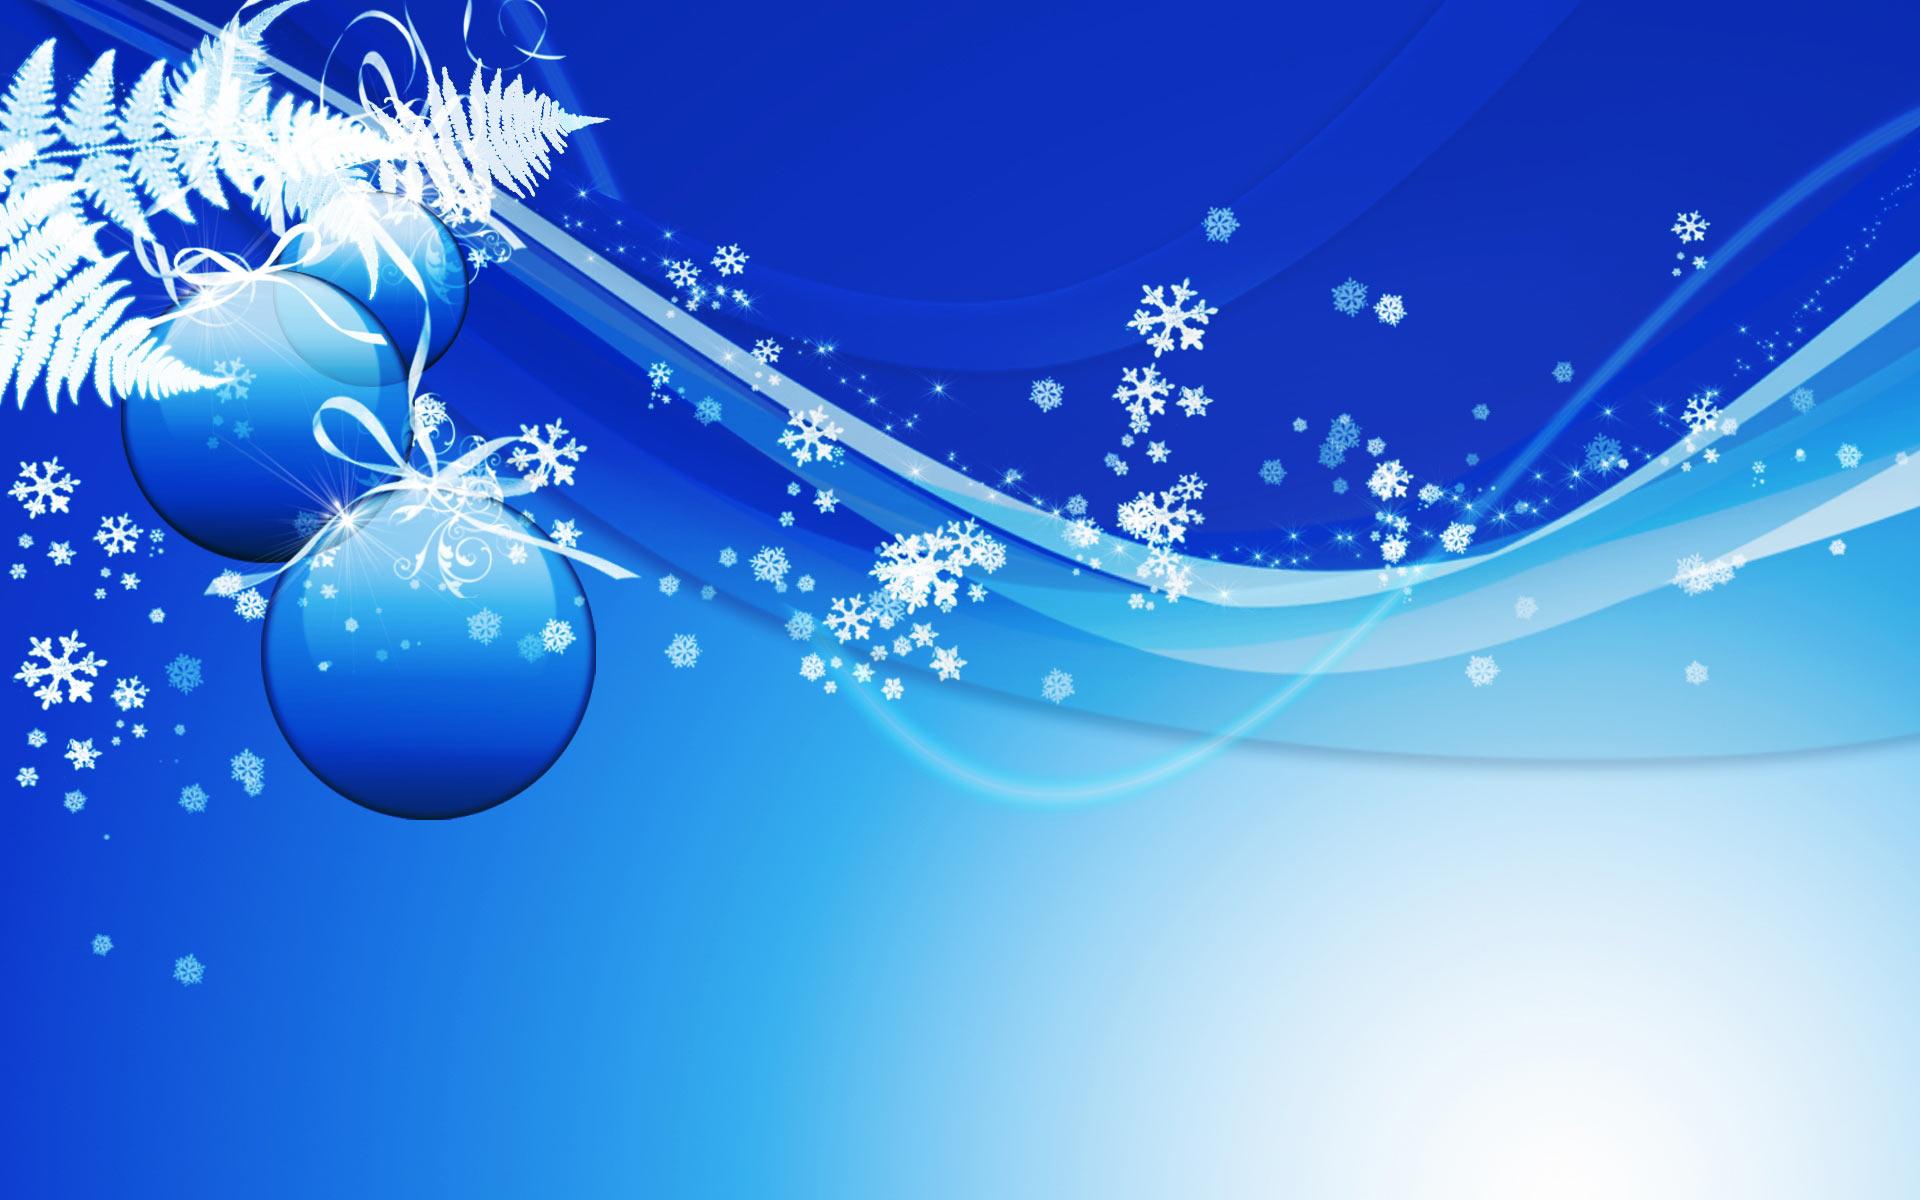 Sfondi Natale - Sfondo Natale azzurro